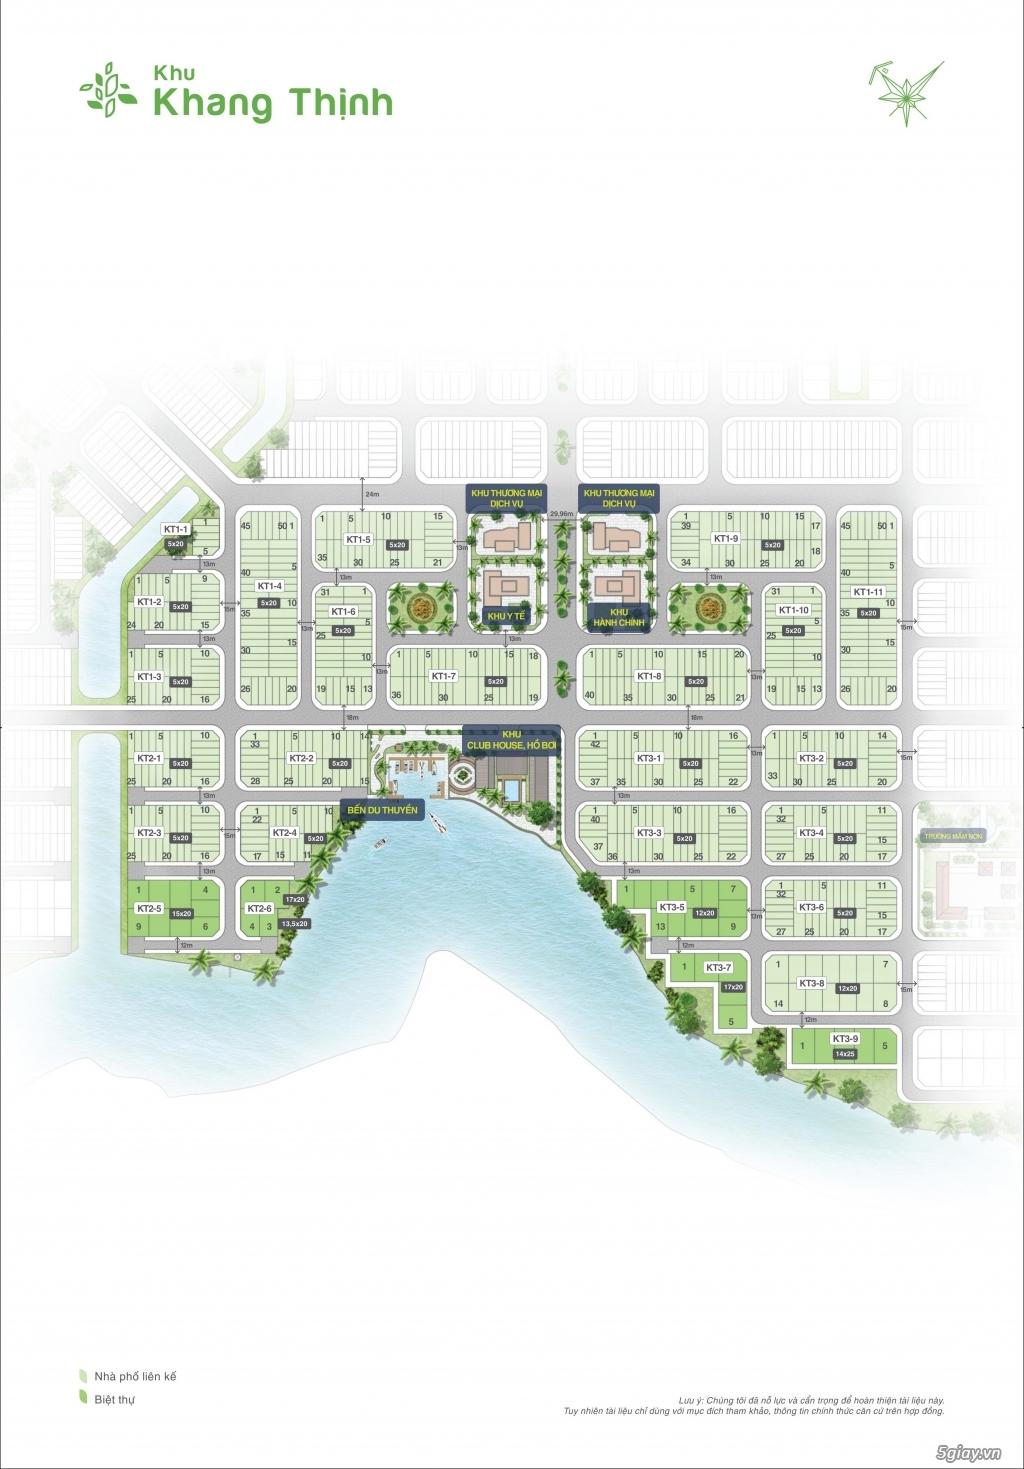 Cơ hội đầu tư sinh lời cao từ đất nền và căn hộ, nhiều ưu đãi hấp dẫn - 18